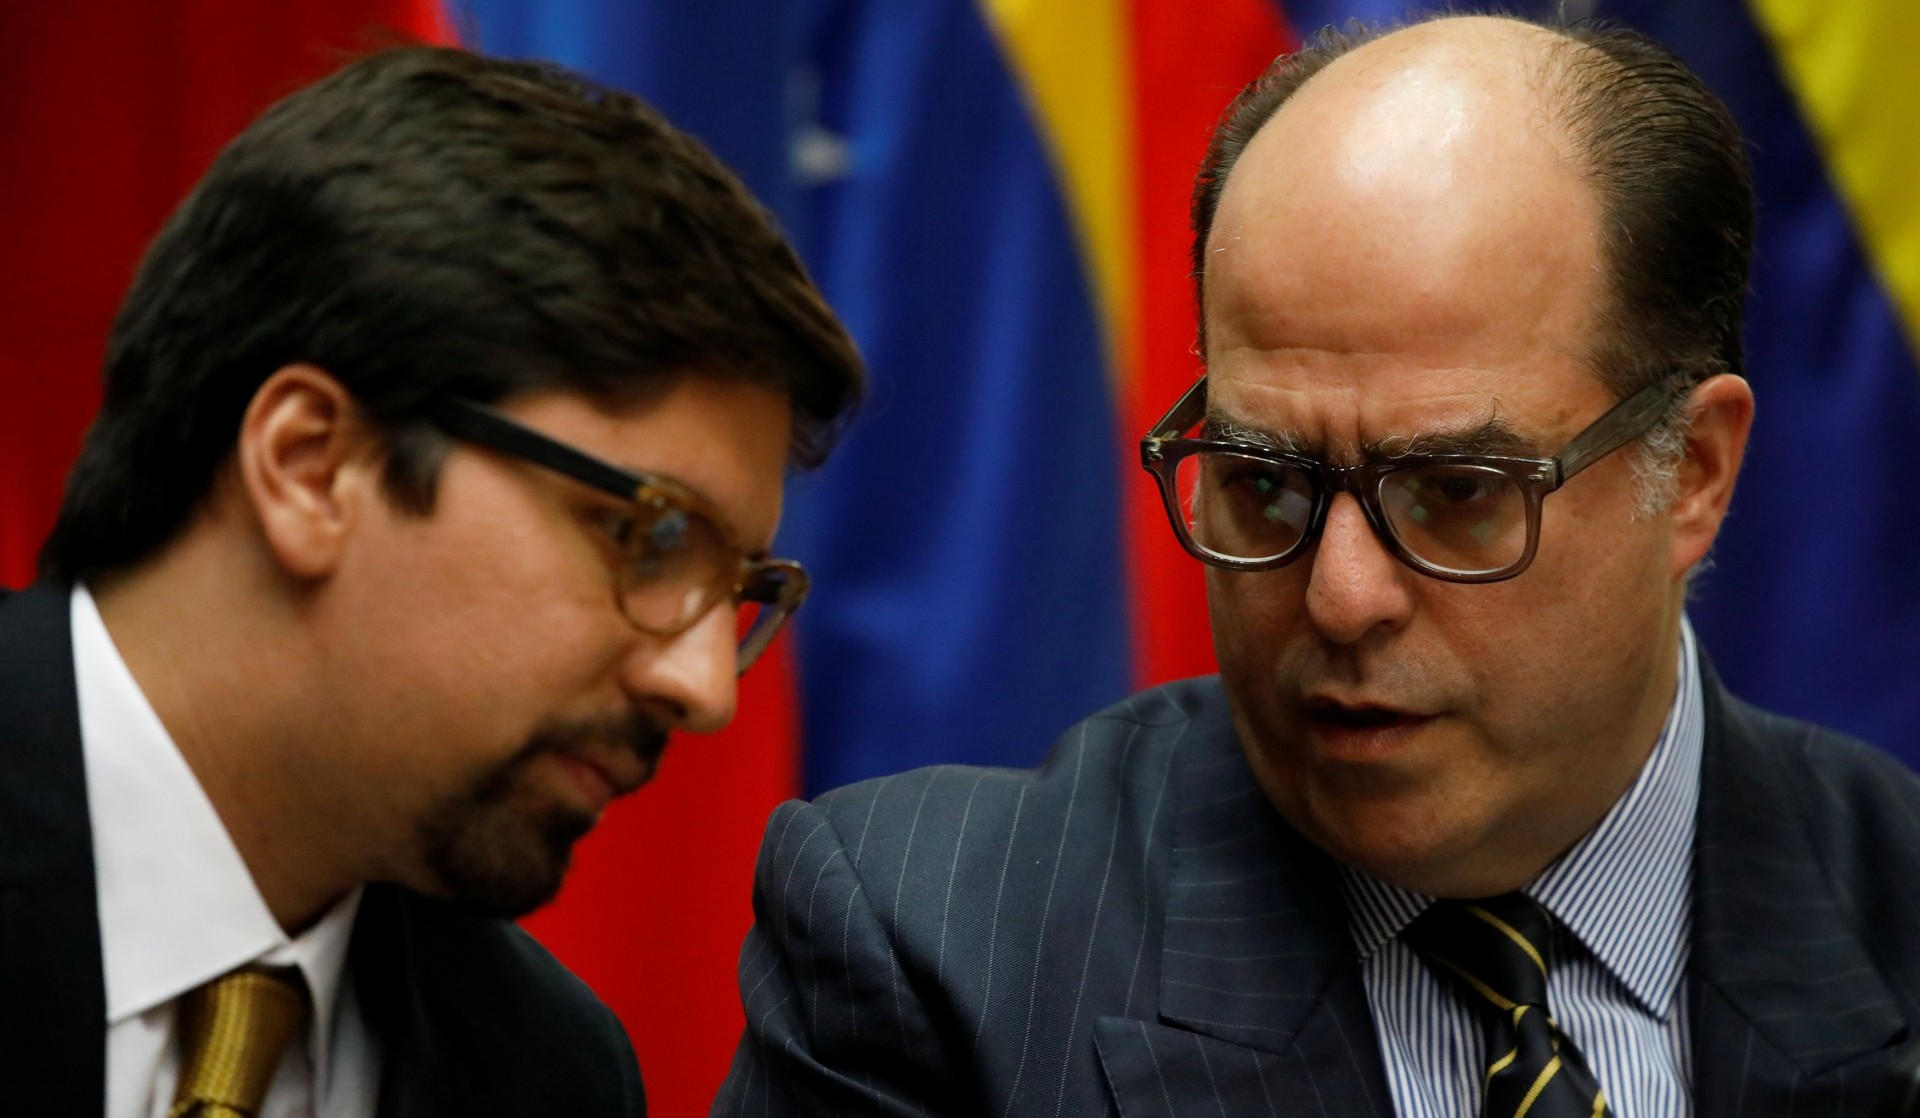 Julio Borges y Freddy Guevara se renirán con importantes mandatarios europeos (Reuters)